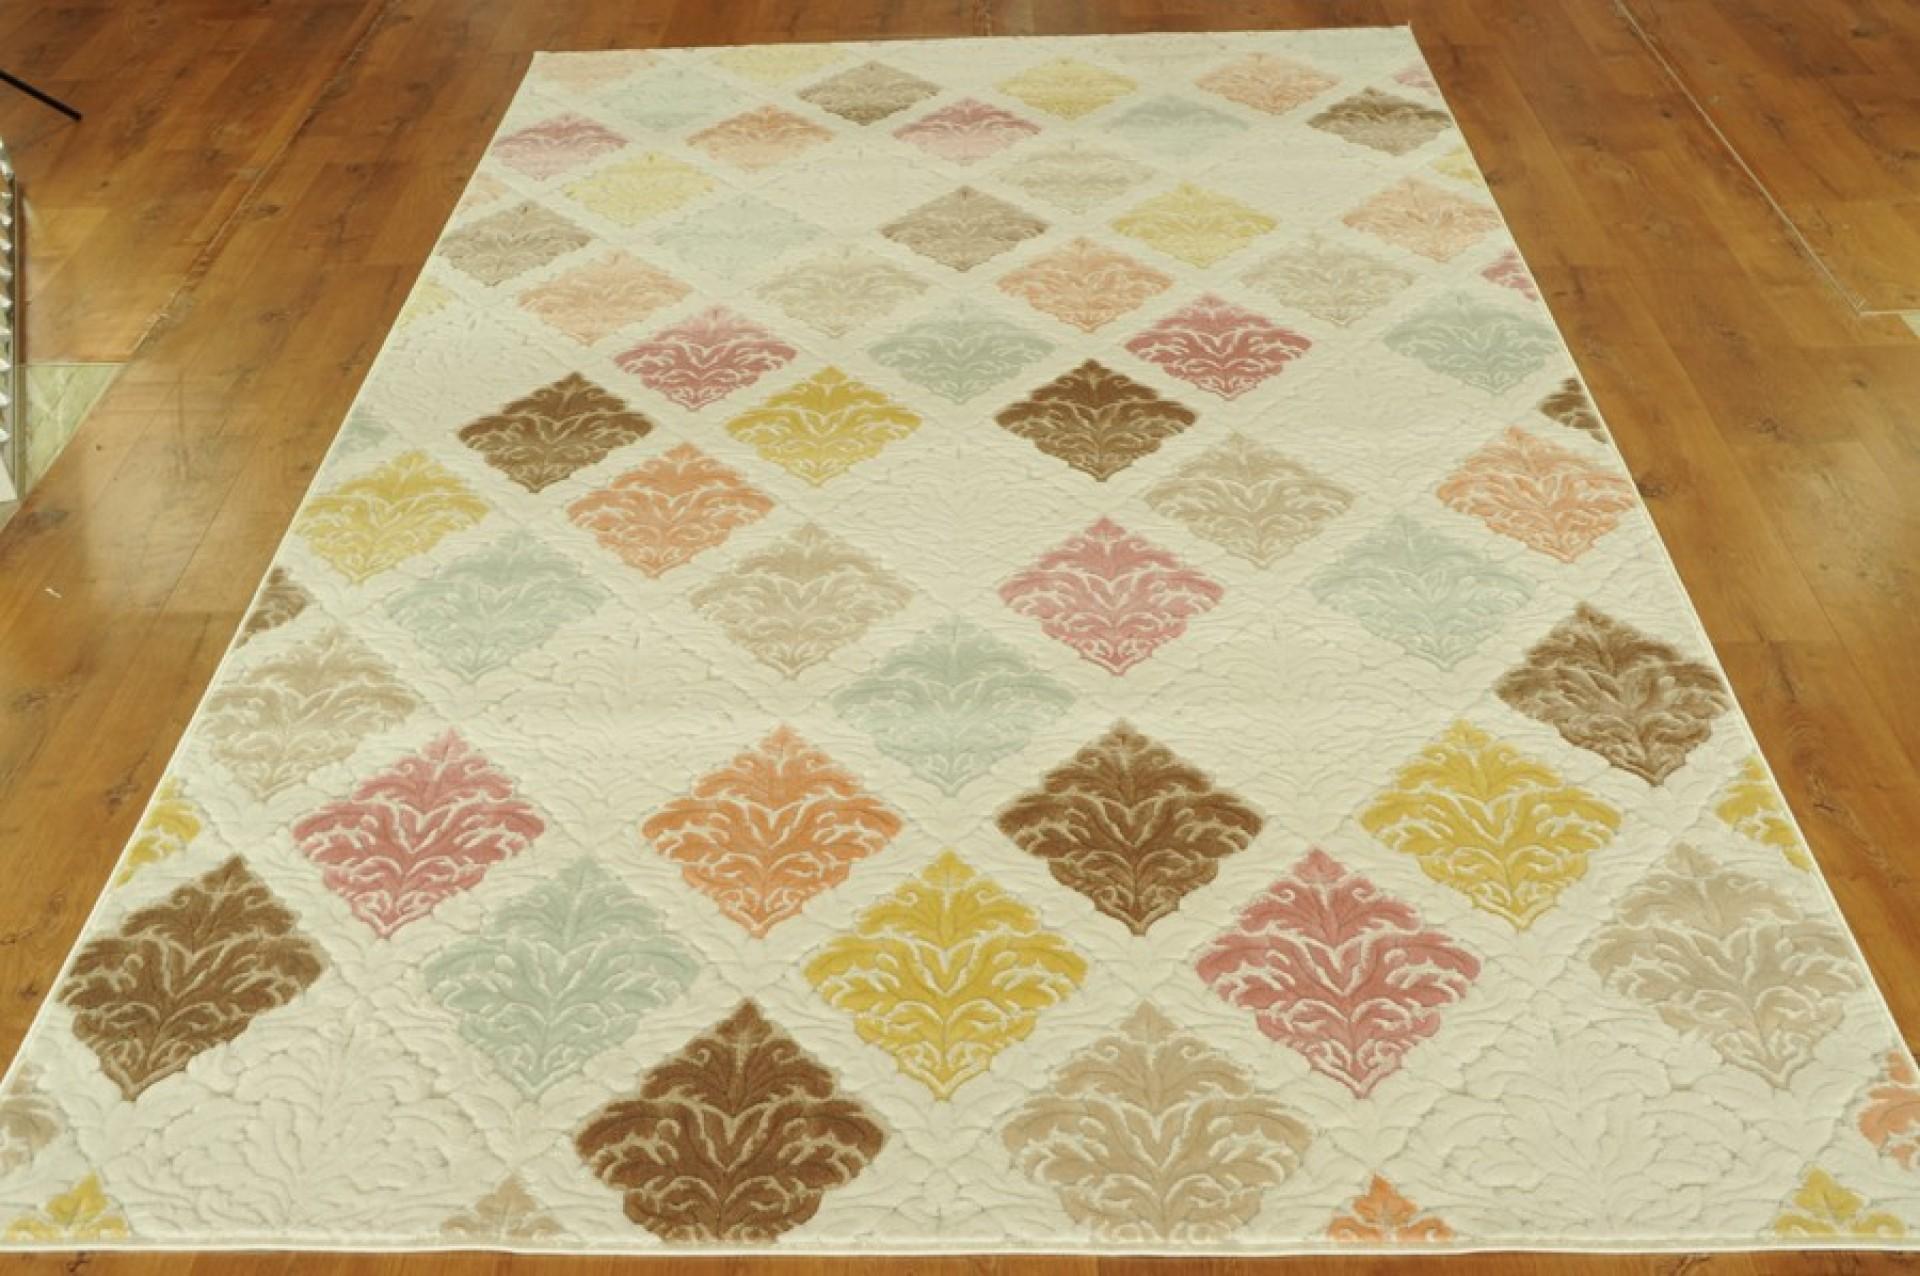 Tanie Dywany ładne I Trwałe Czy Da Się To Pogodzić